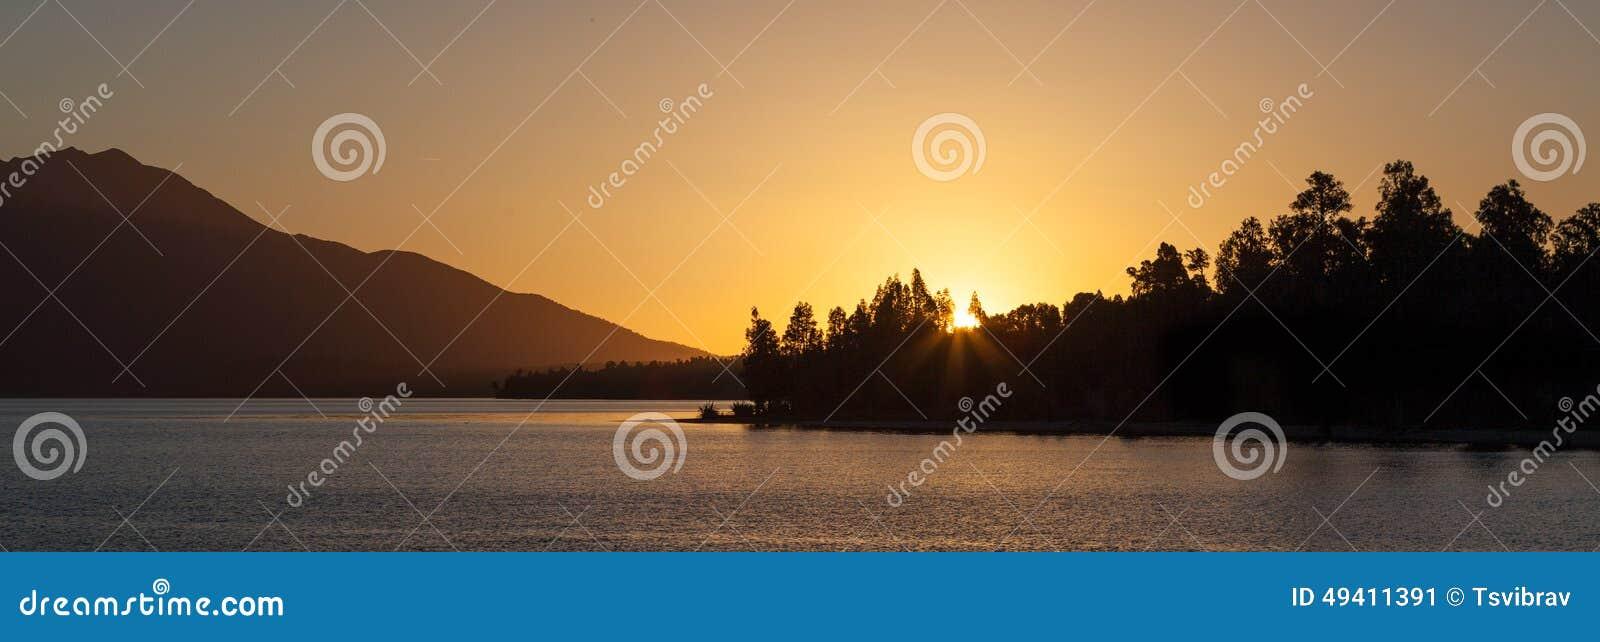 Download Schöner See Brunner Bei Sonnenuntergang, Südinsel, Neuseeland Stockbild - Bild von serenity, ruhig: 49411391